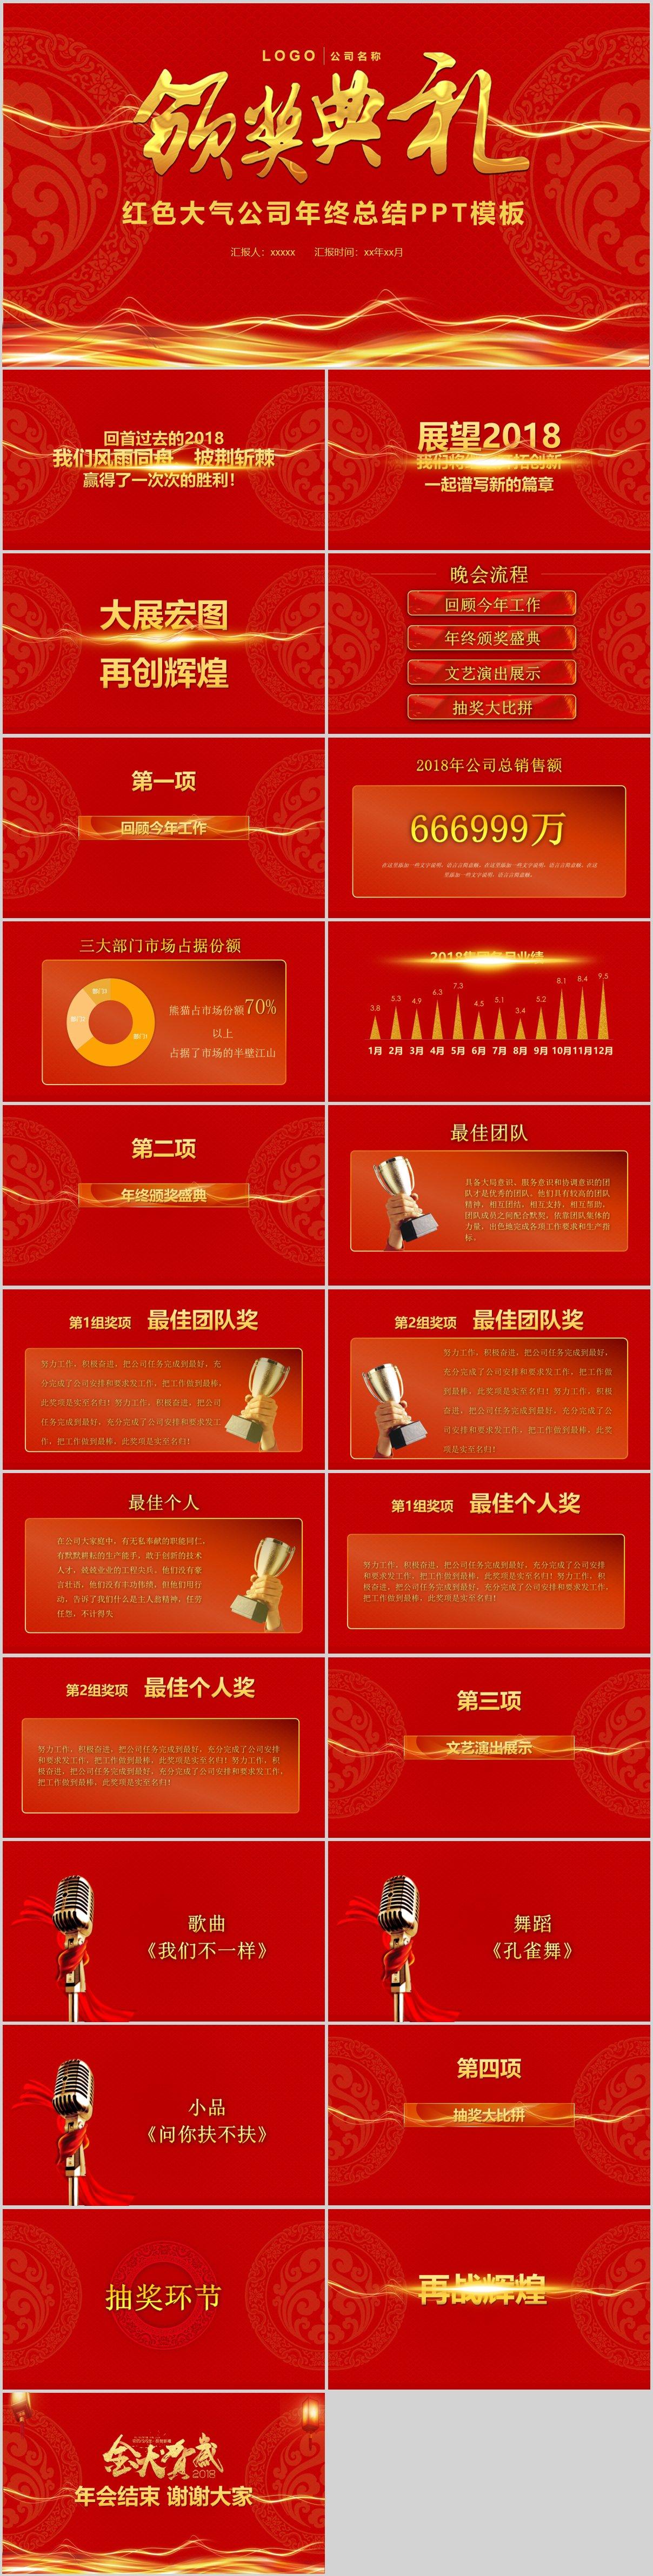 红色大气颁奖年终典礼PPT模板